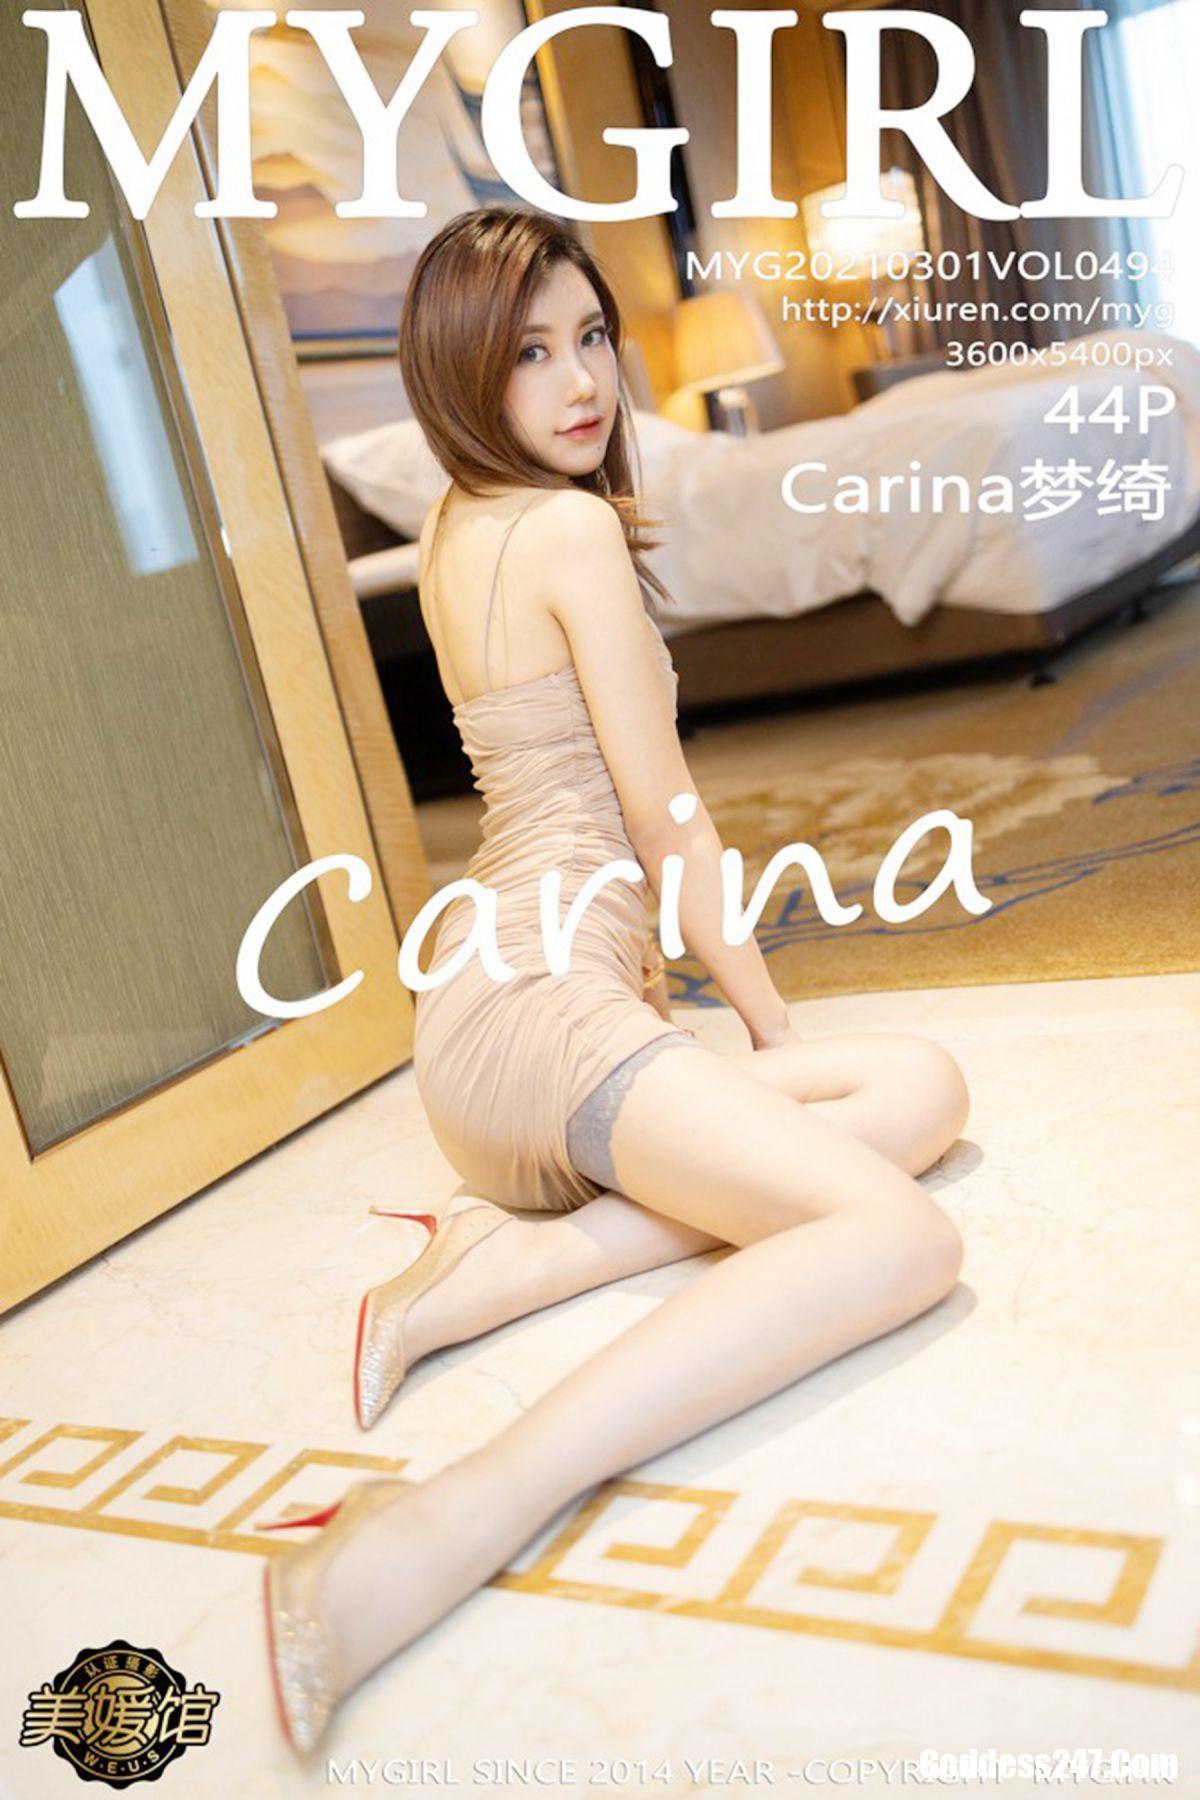 MyGirl美媛馆 Vol.494 Carina梦绮